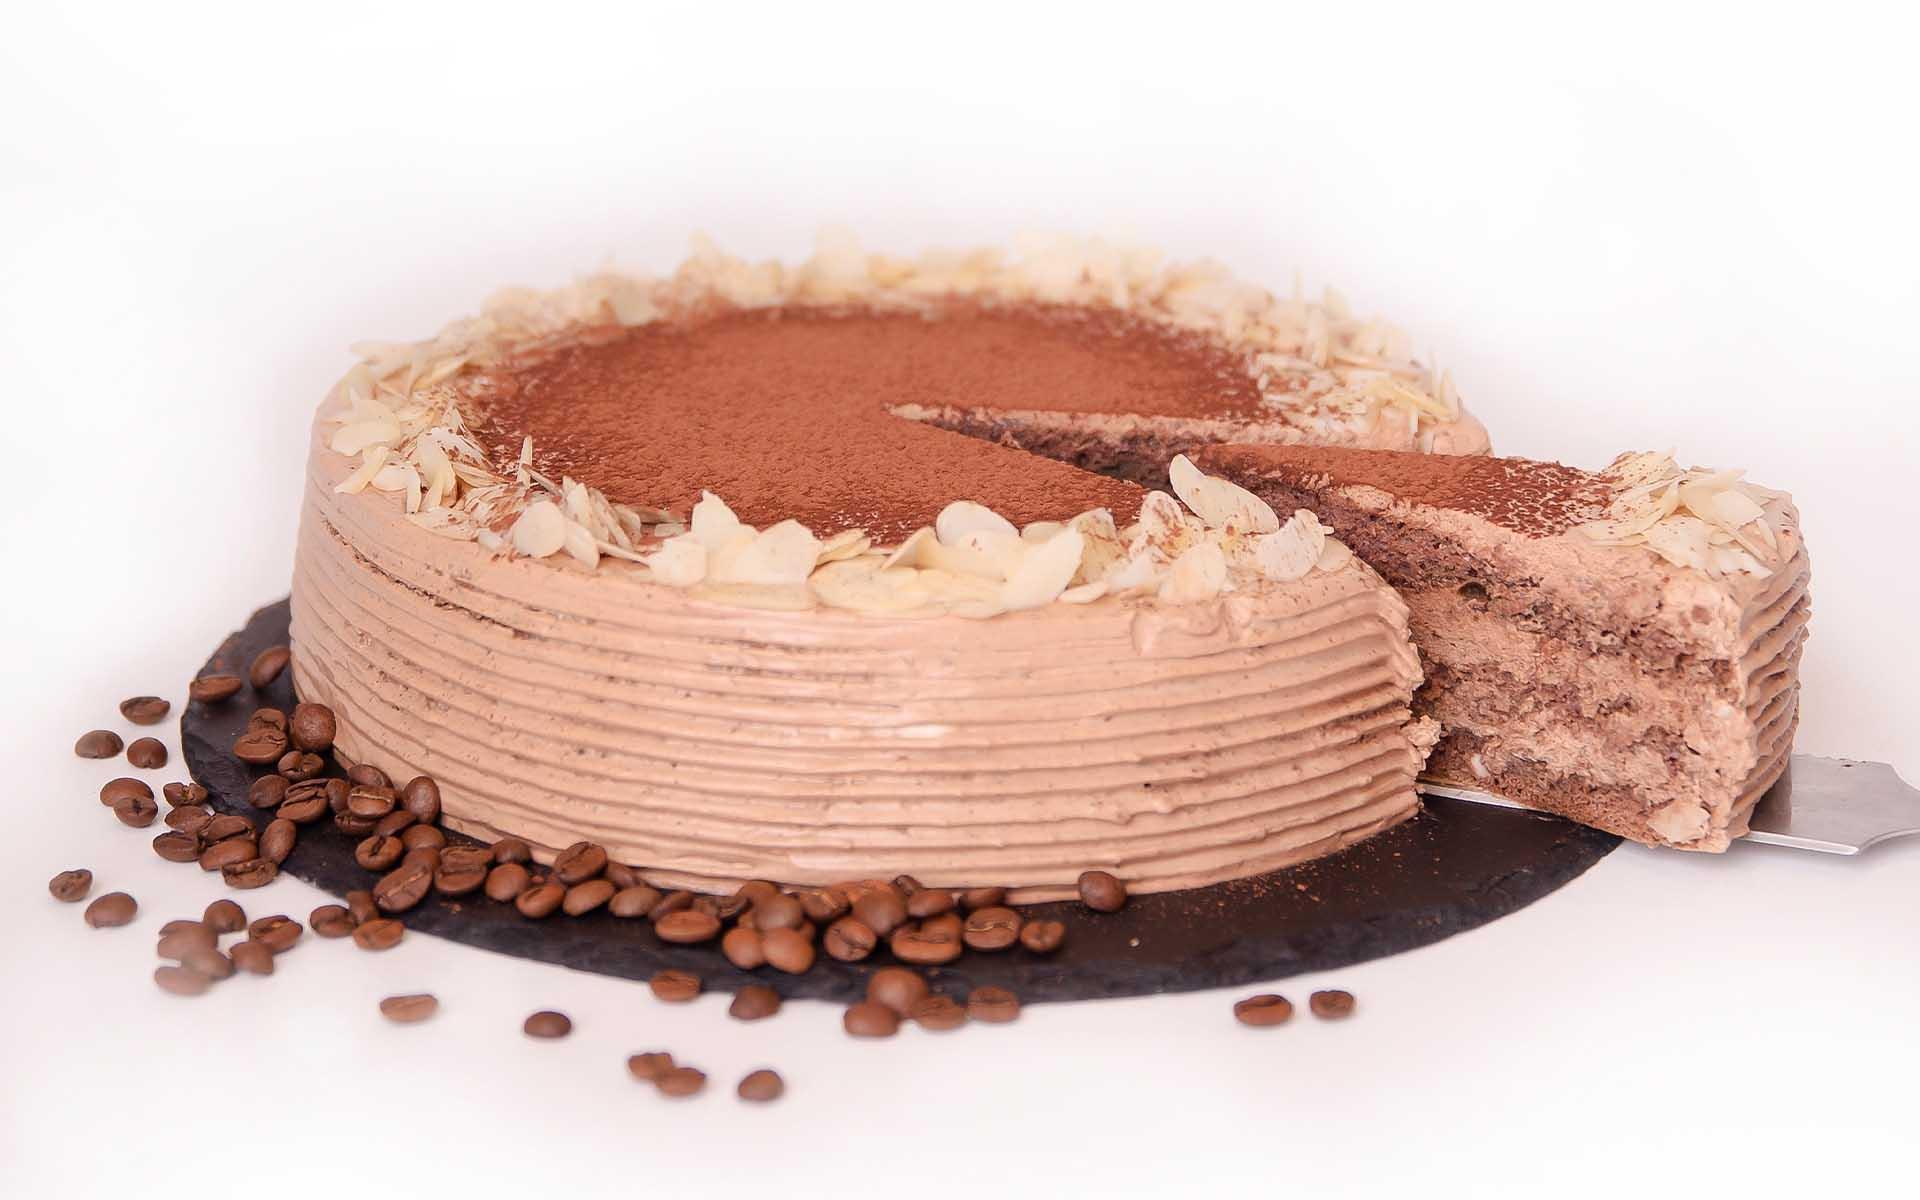 torty na zamówienie warszawa ciasto caffe latte zdrowe